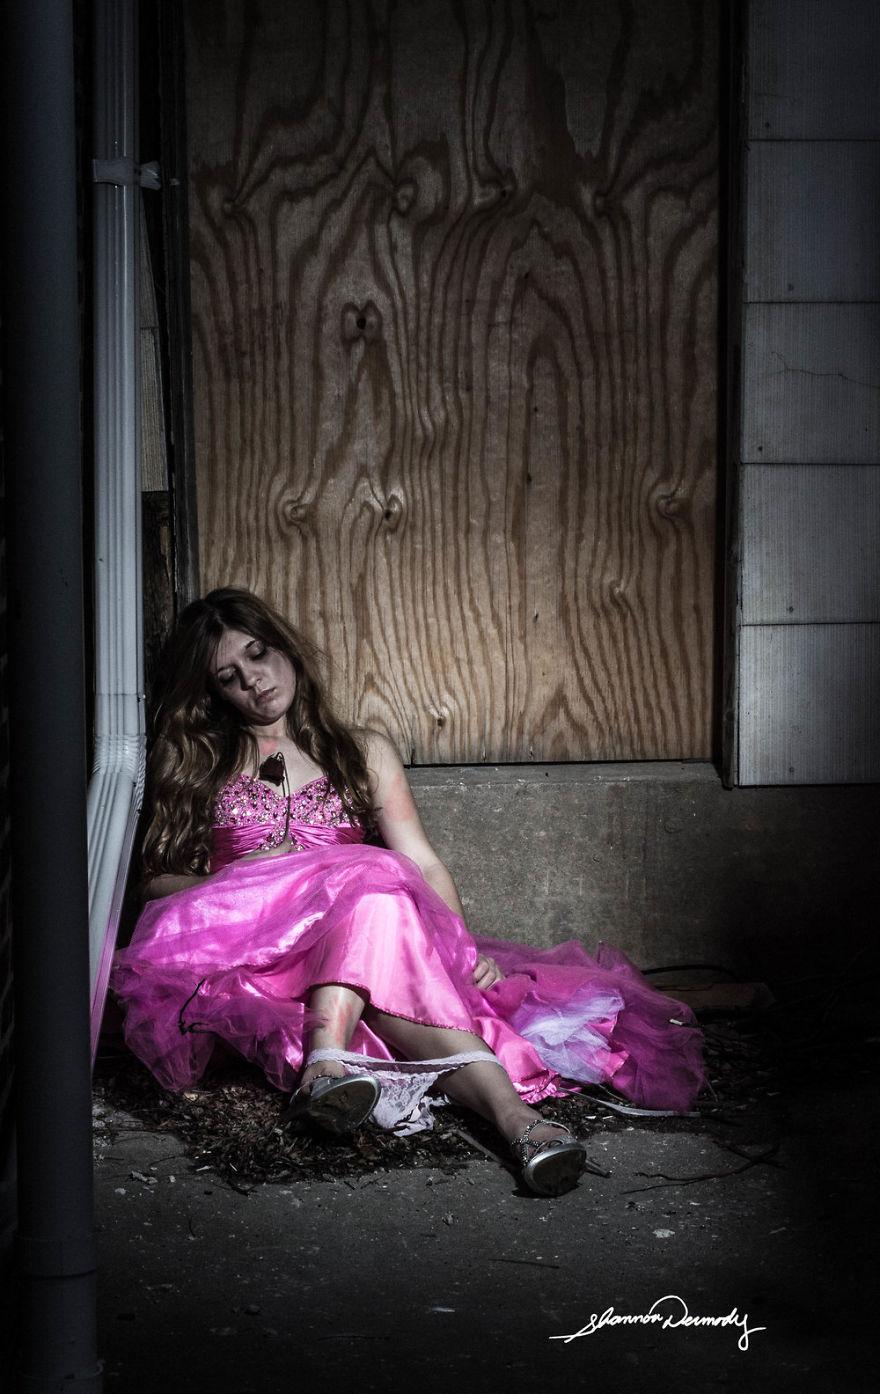 kobieta siedzaca na podlodze w rozowej sukience